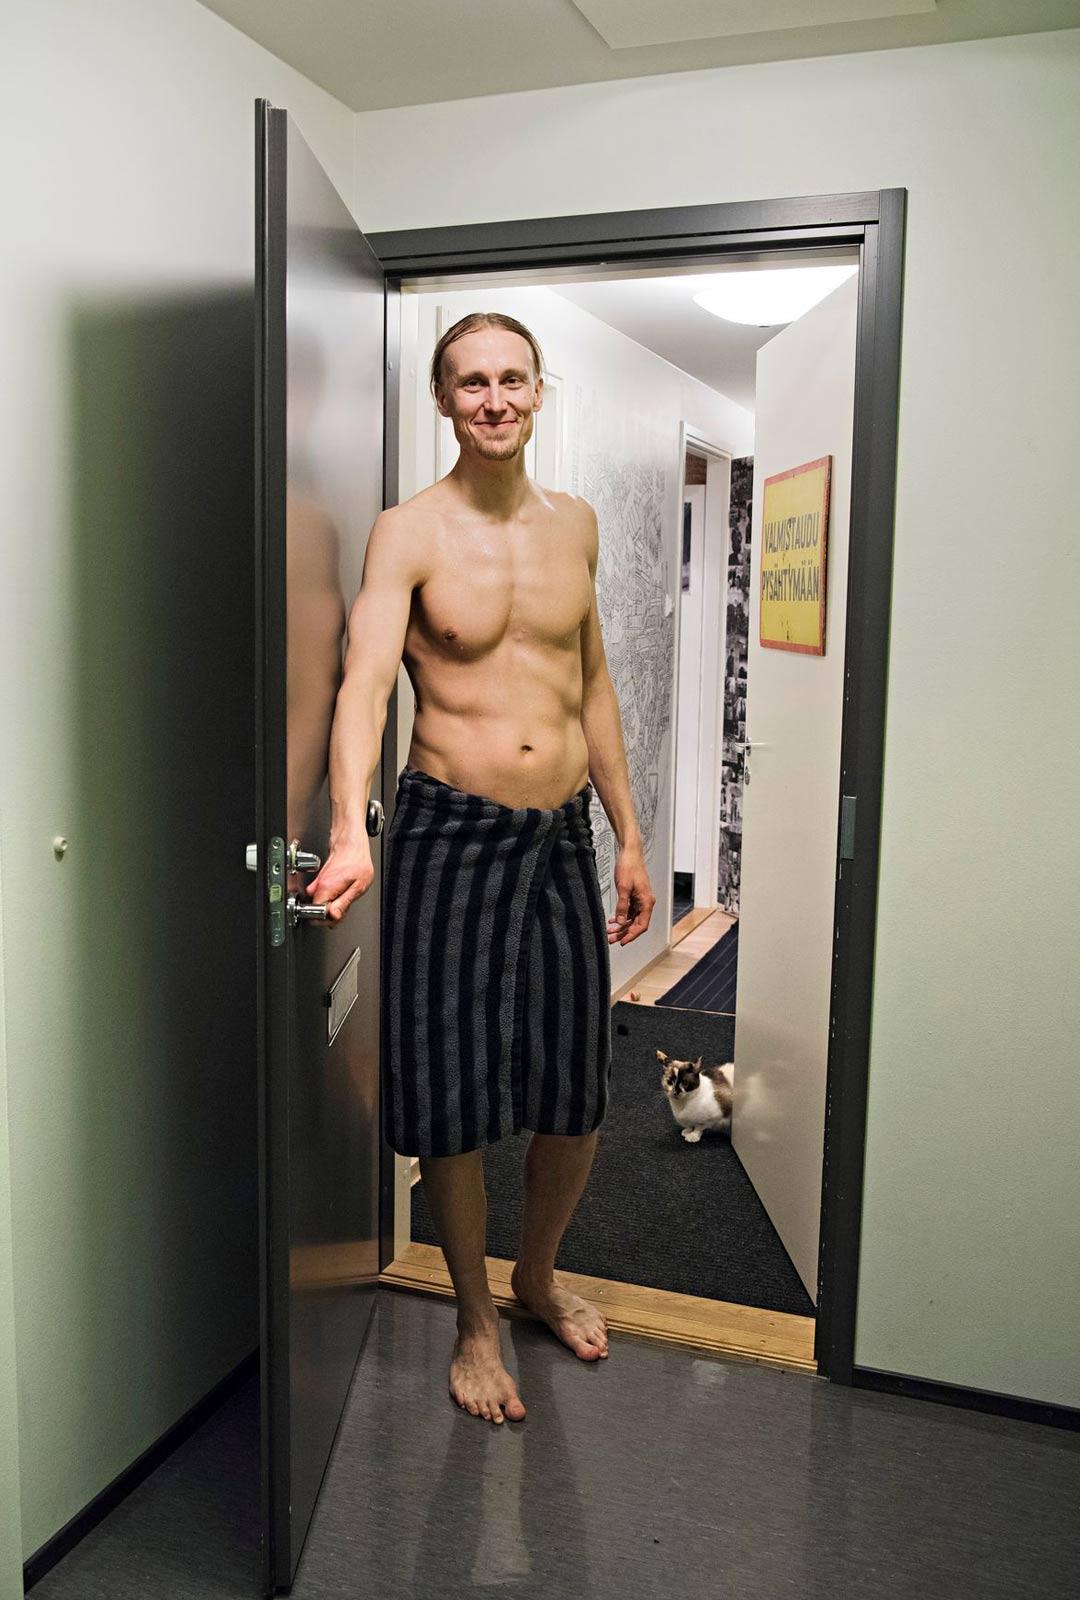 Jaakko Blomberg rohkaisee muitakin avaamaan saunansa vieraille Sauna Dayn aikaan.